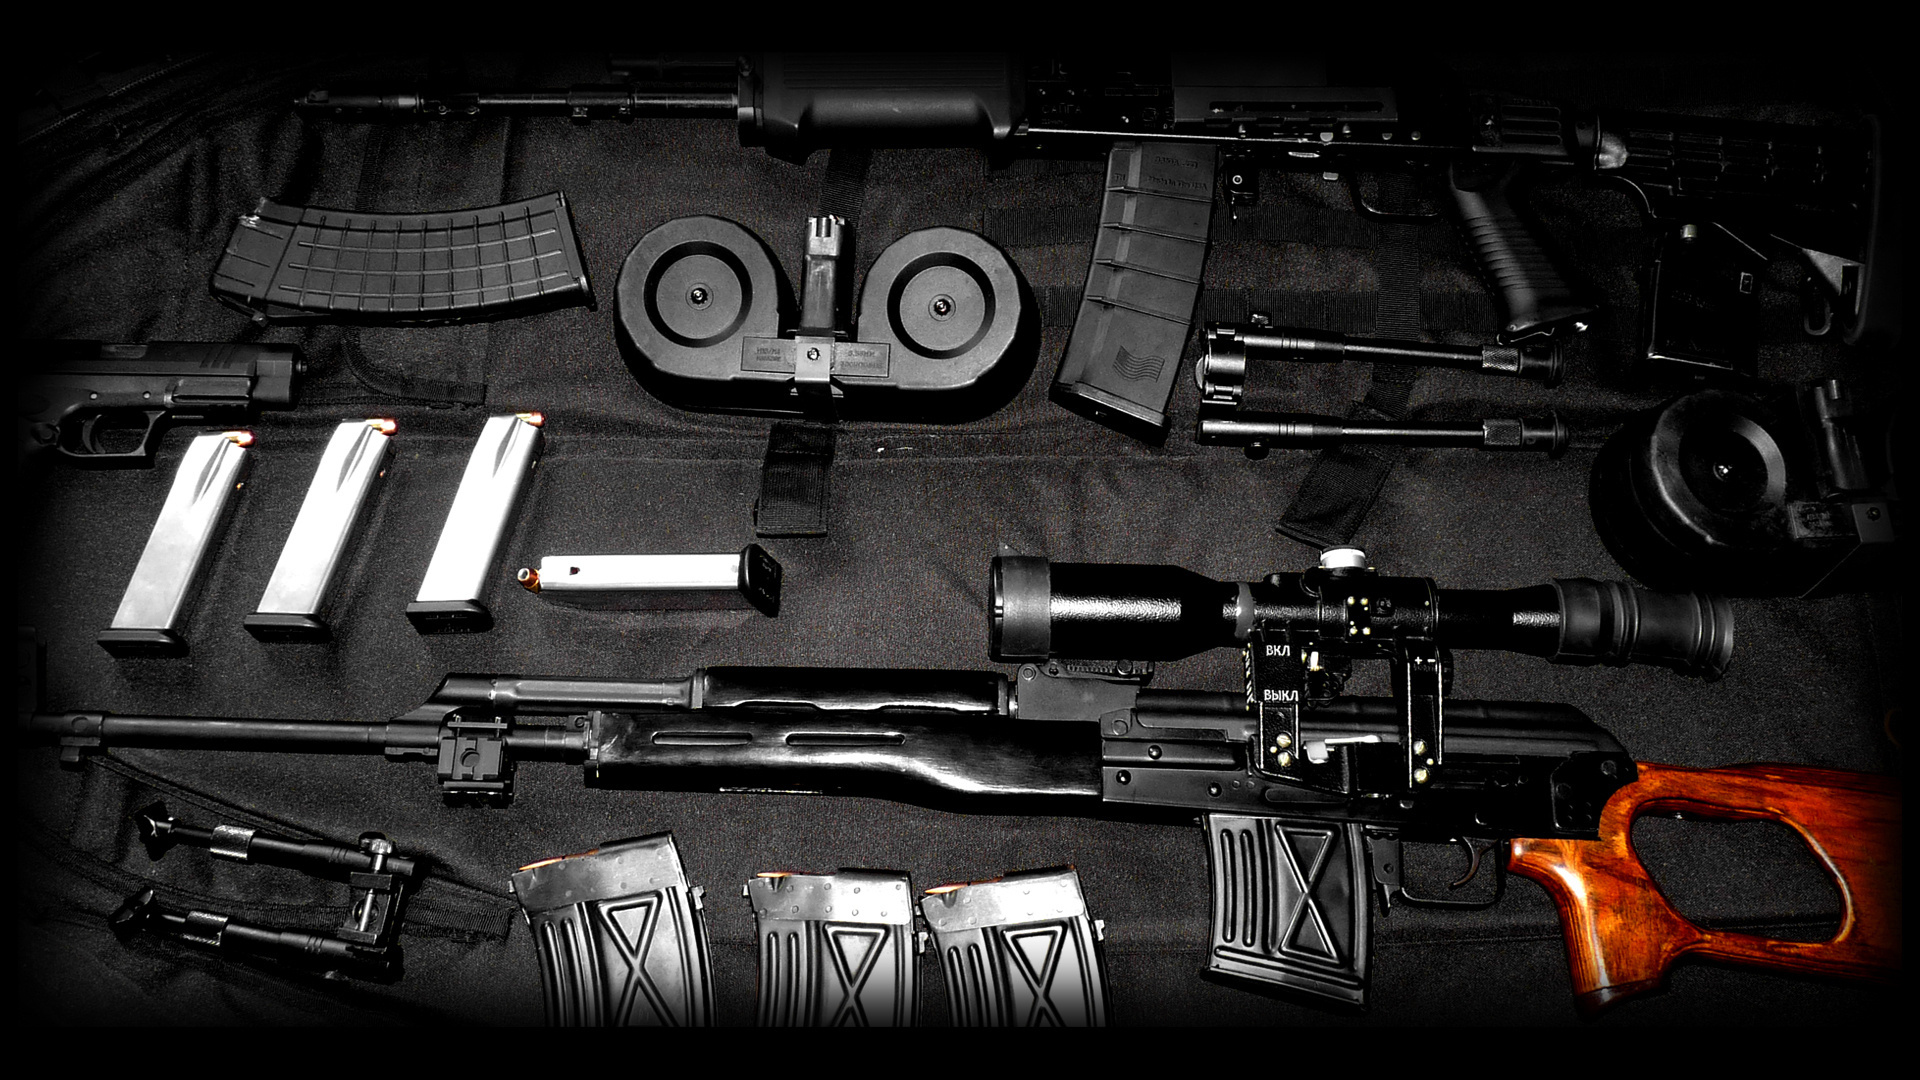 Assault Rifle Computer Wallpapers Desktop Backgrounds 1920x1080